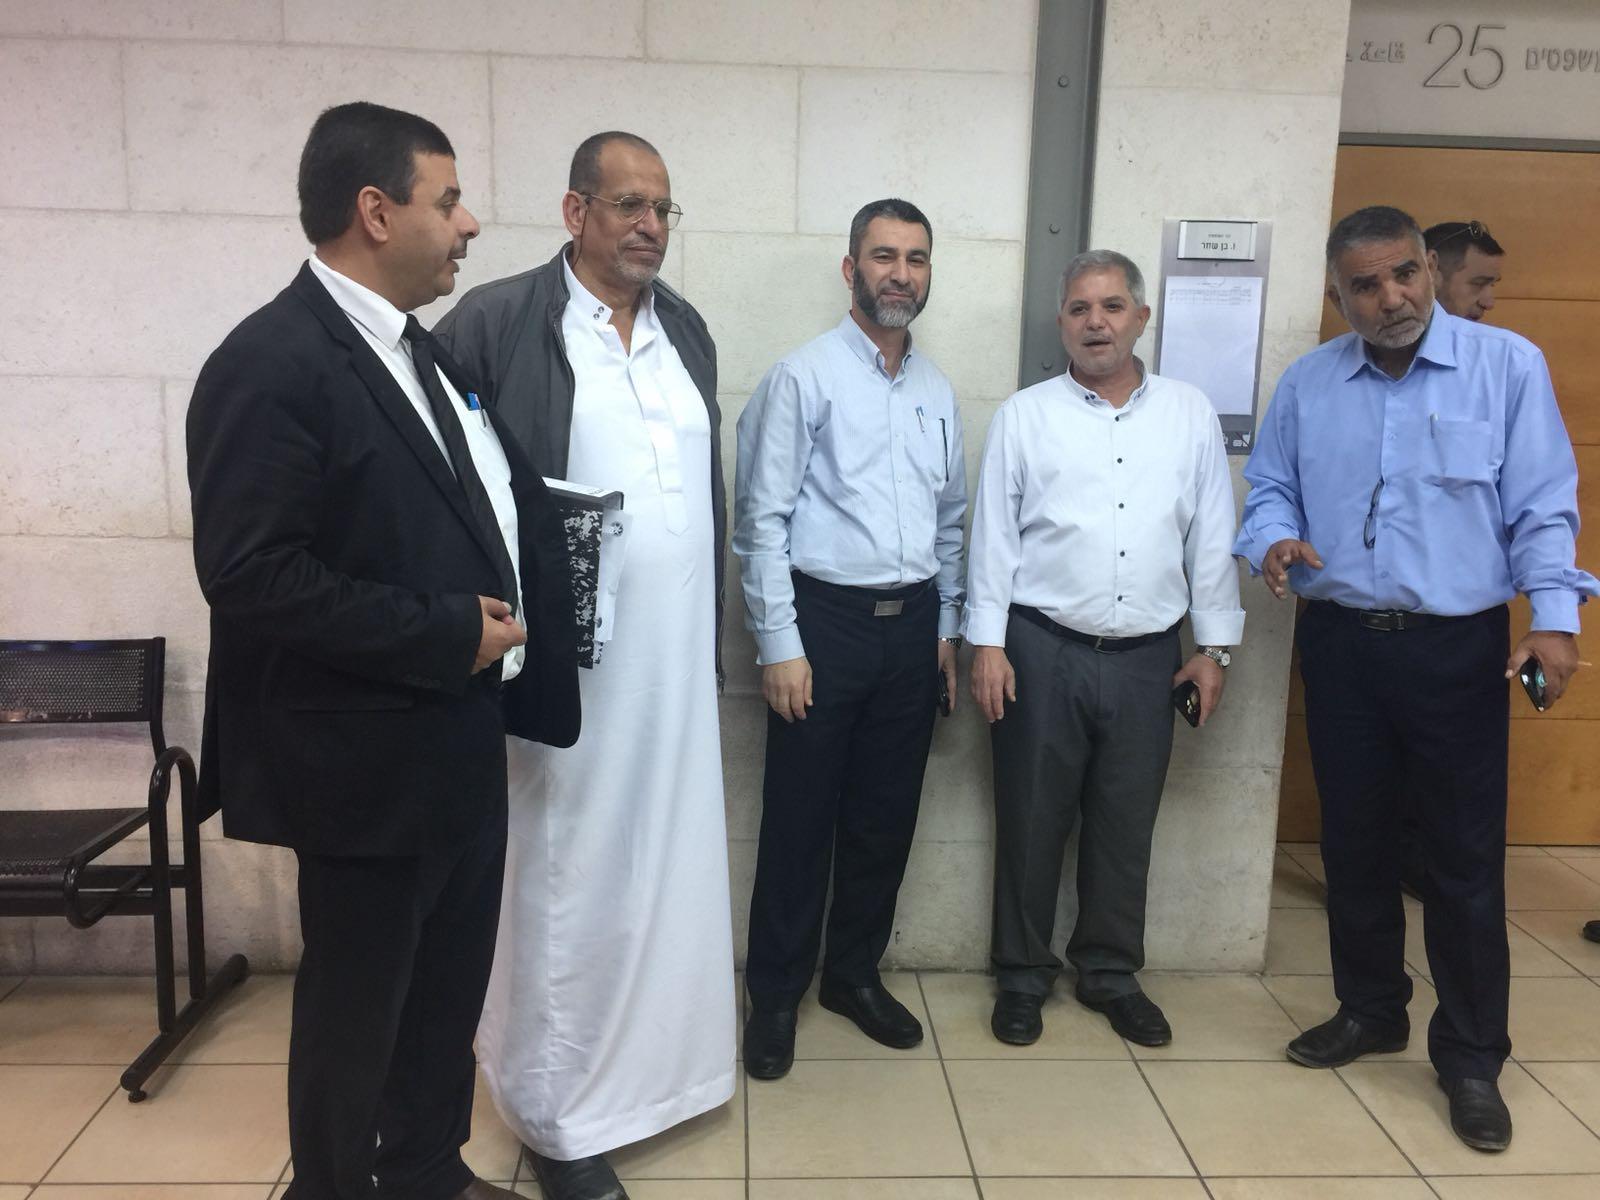 محكمة الصلح تغيّر شروط الحبس المنزلي على الشيخ الباز وتنقله لبيته باللد